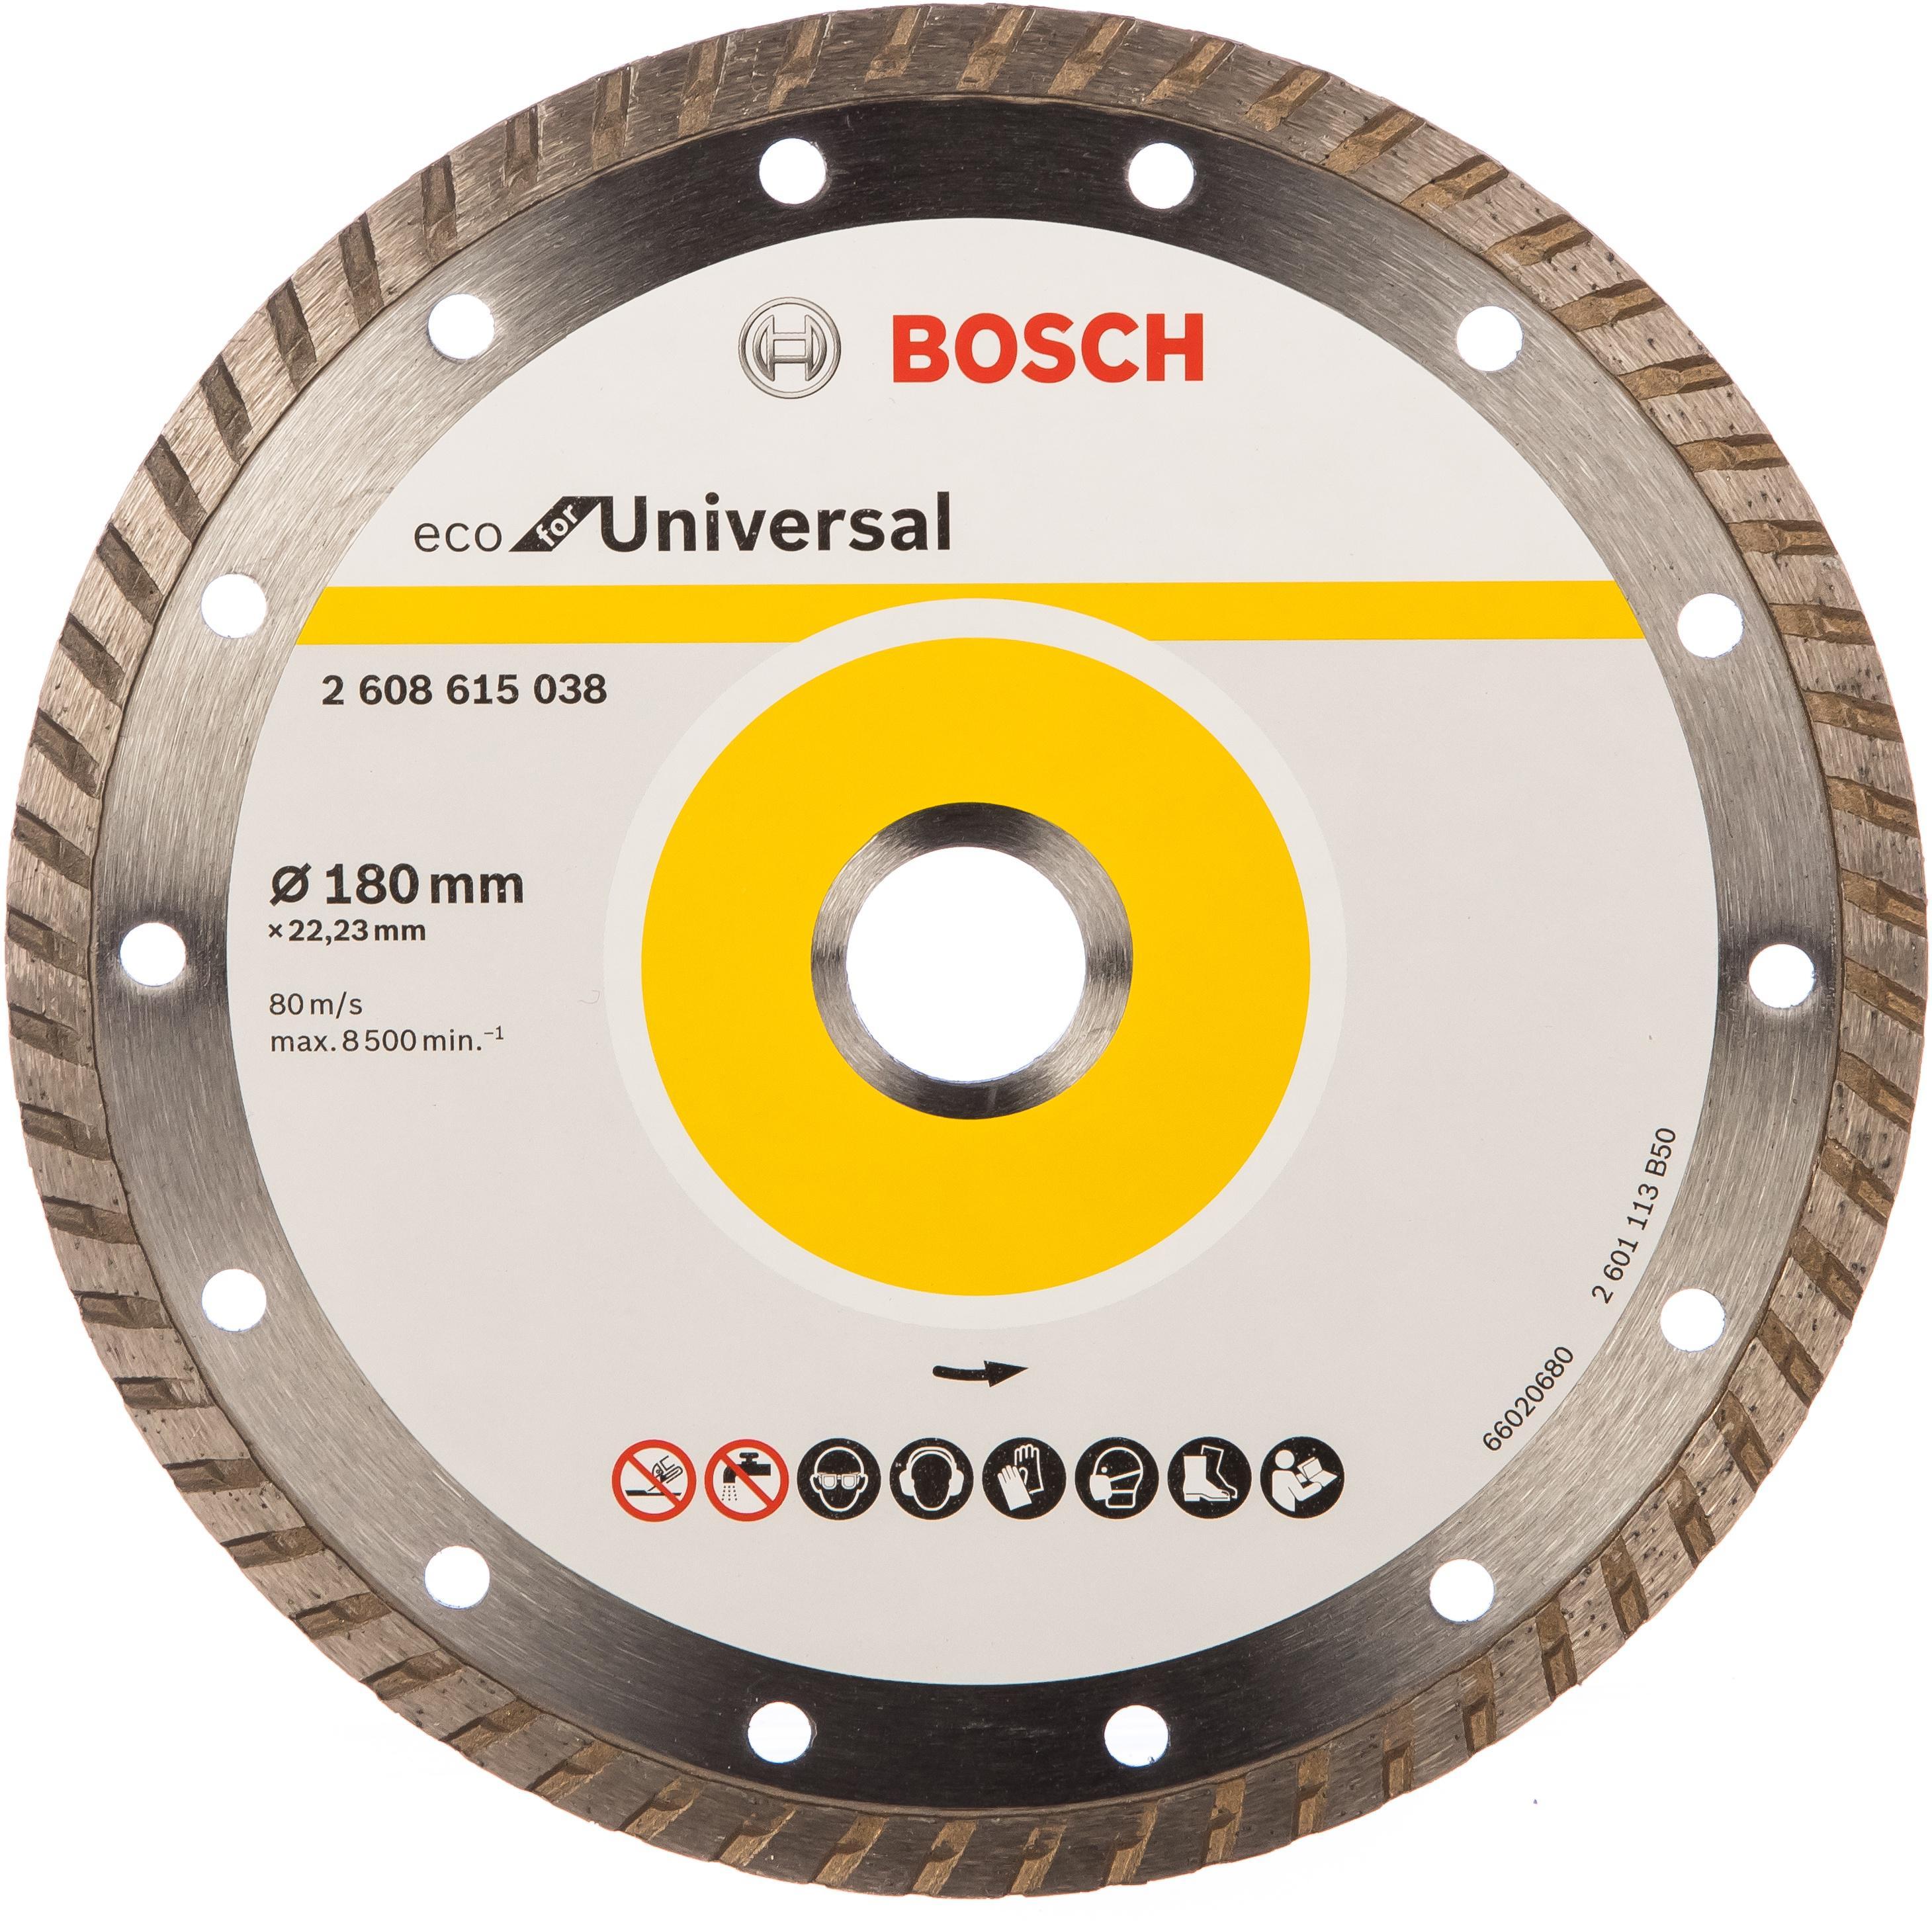 Круг алмазный Bosch Eco universal turbo Ф180-22мм (2.608.615.038) круг алмазный практика 030 740 da 180 22t 180 х 22 турбо